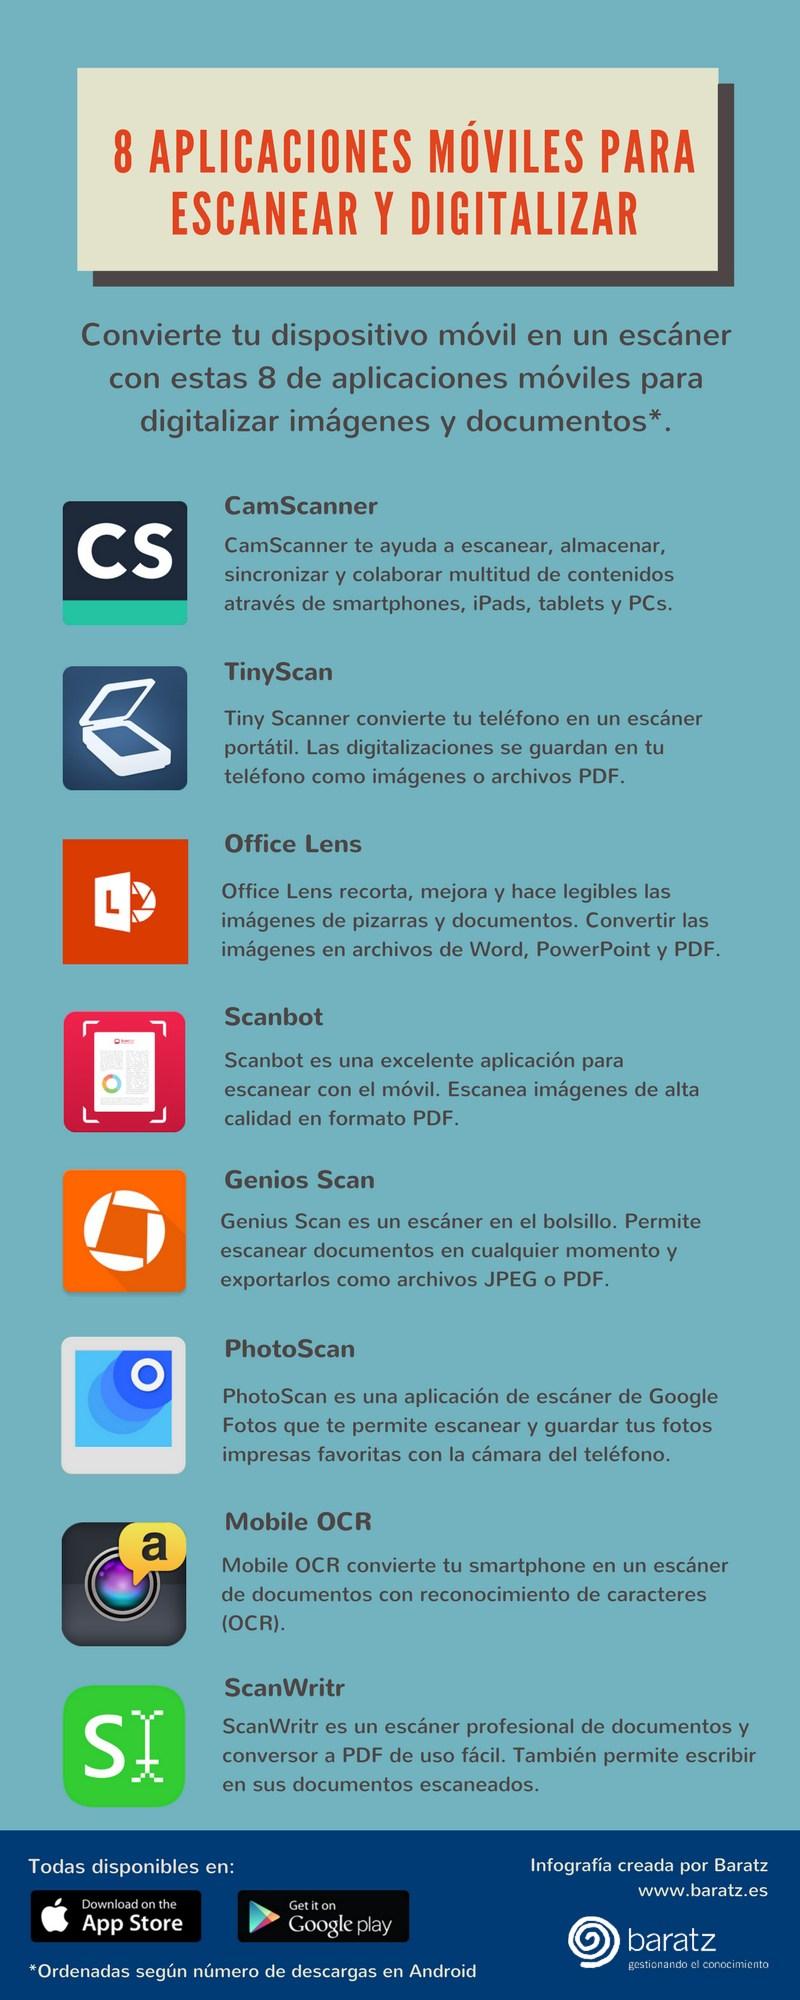 8 APPs móviles para escanear y digitalizar documentos